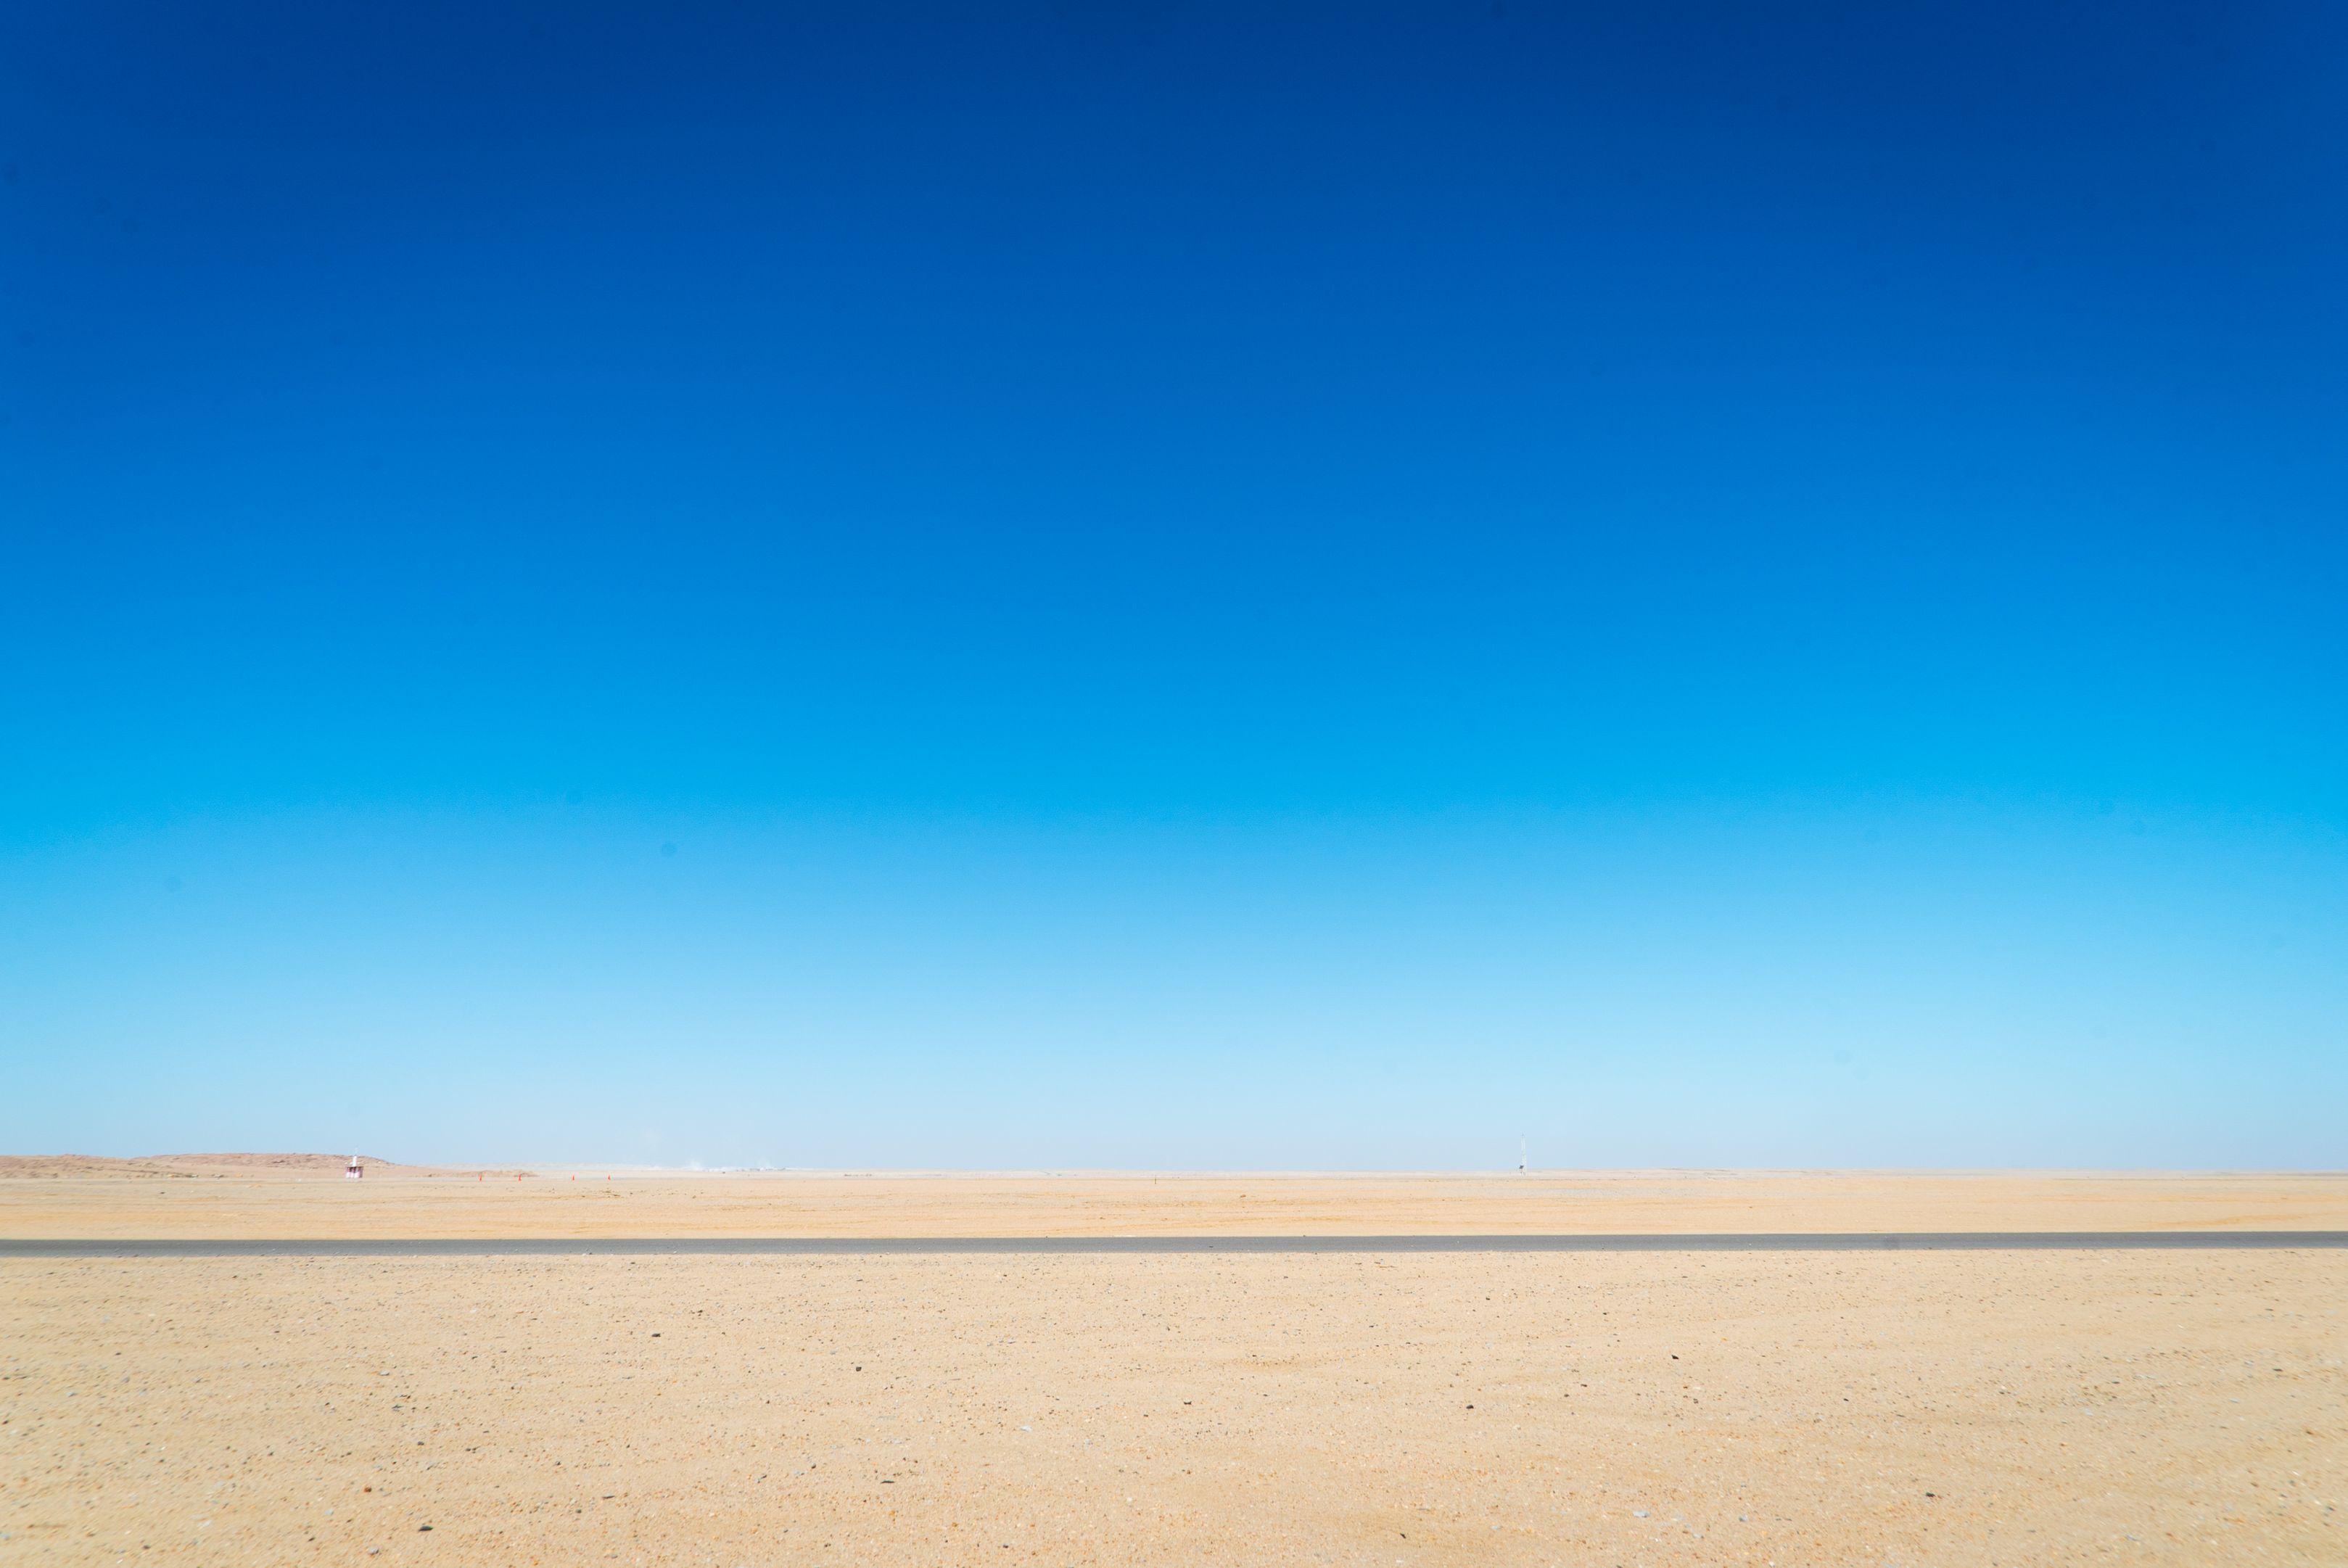 Namibia images